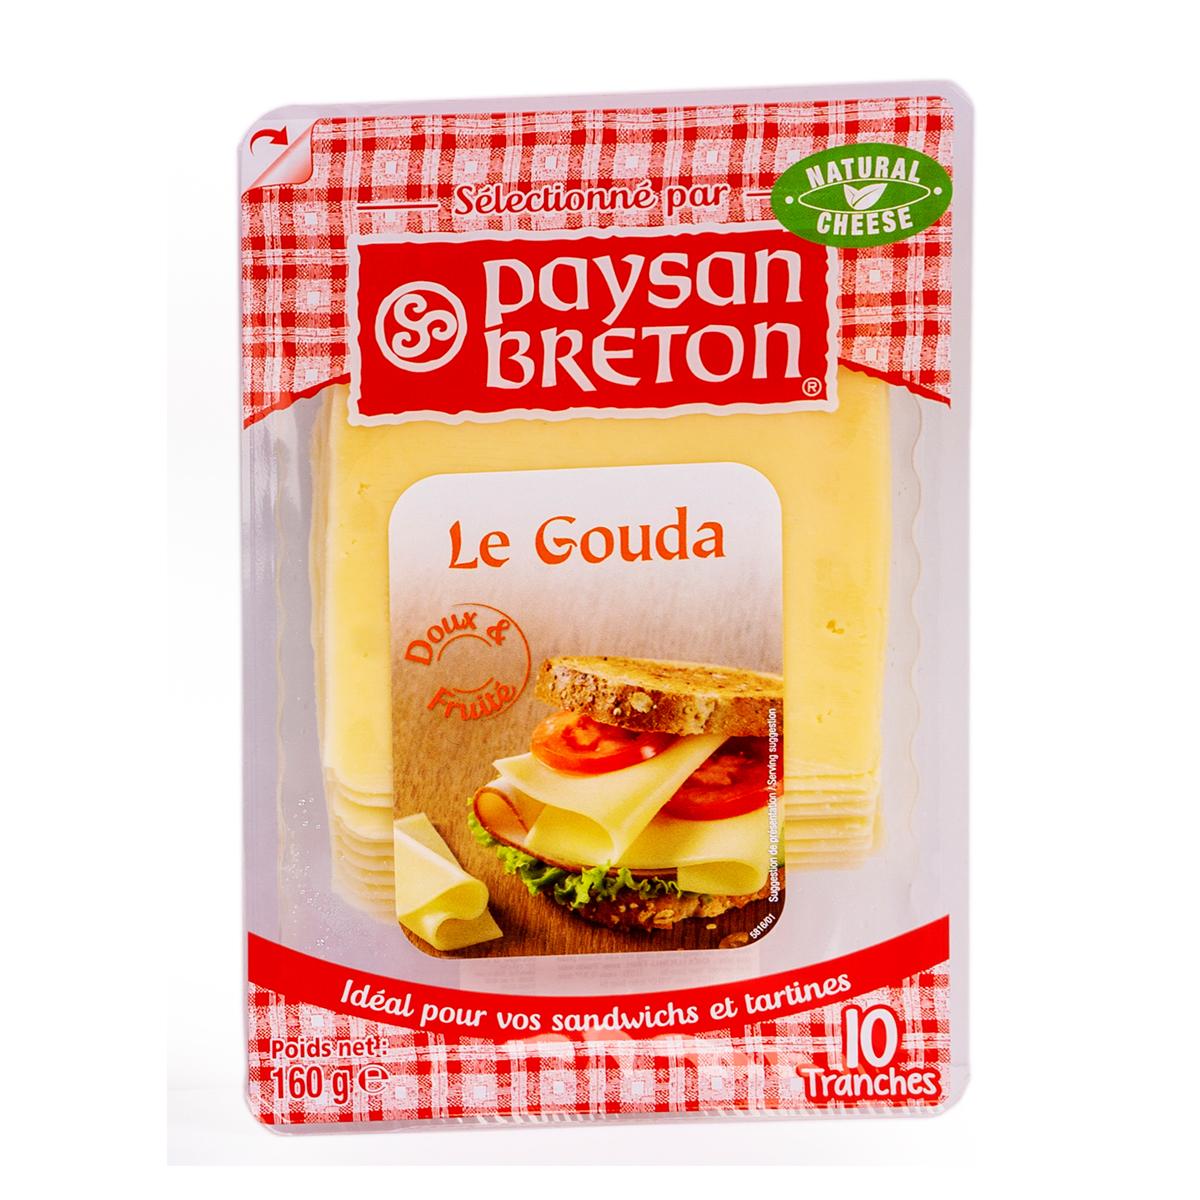 Cheese Gouda PB lát 160g - Phô mai Gouda PB lát 160g - Sản phẩm hữu cơ, nhập khẩu